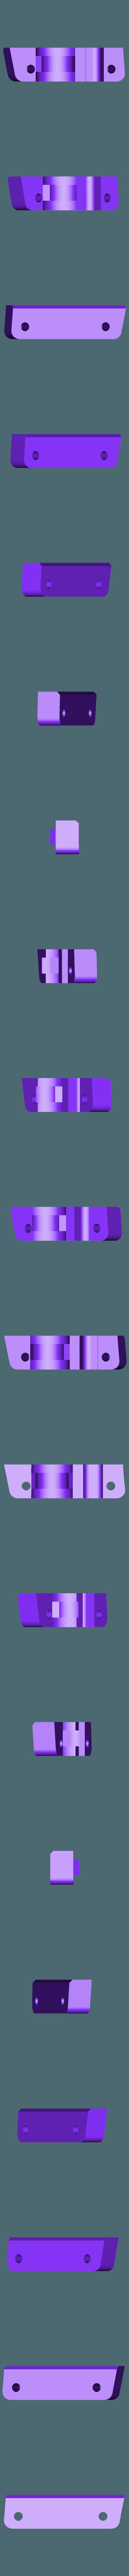 e3d_mount_32mm_v1-10_CLAMP.STL Télécharger fichier STL gratuit Monture Nautilus (RigidBot E3D v6) • Objet pour impression 3D, WalterHsiao